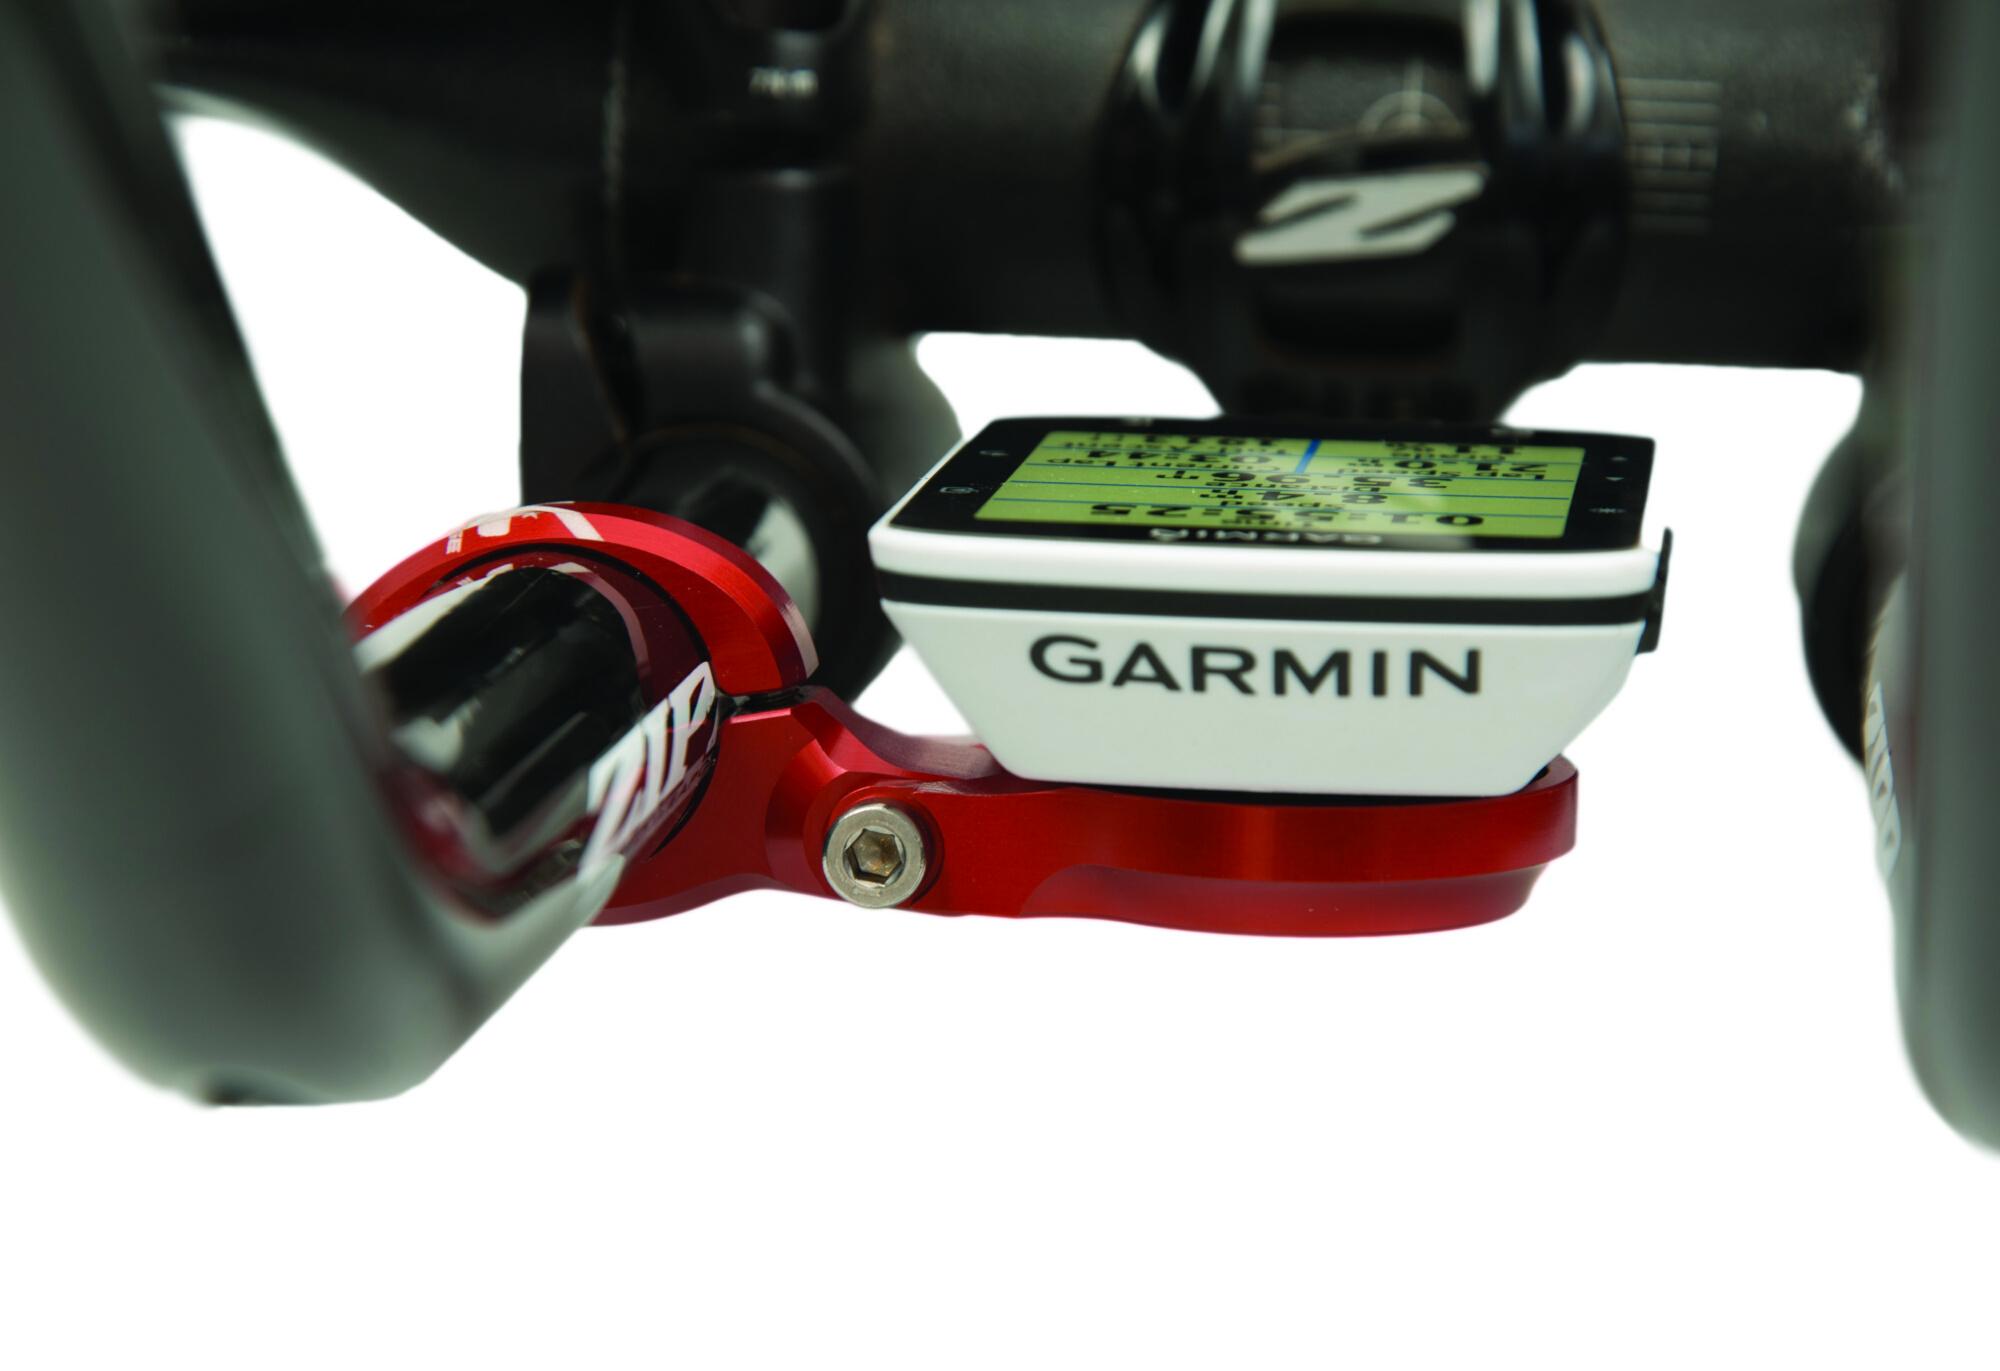 how to make tt mount for garmin